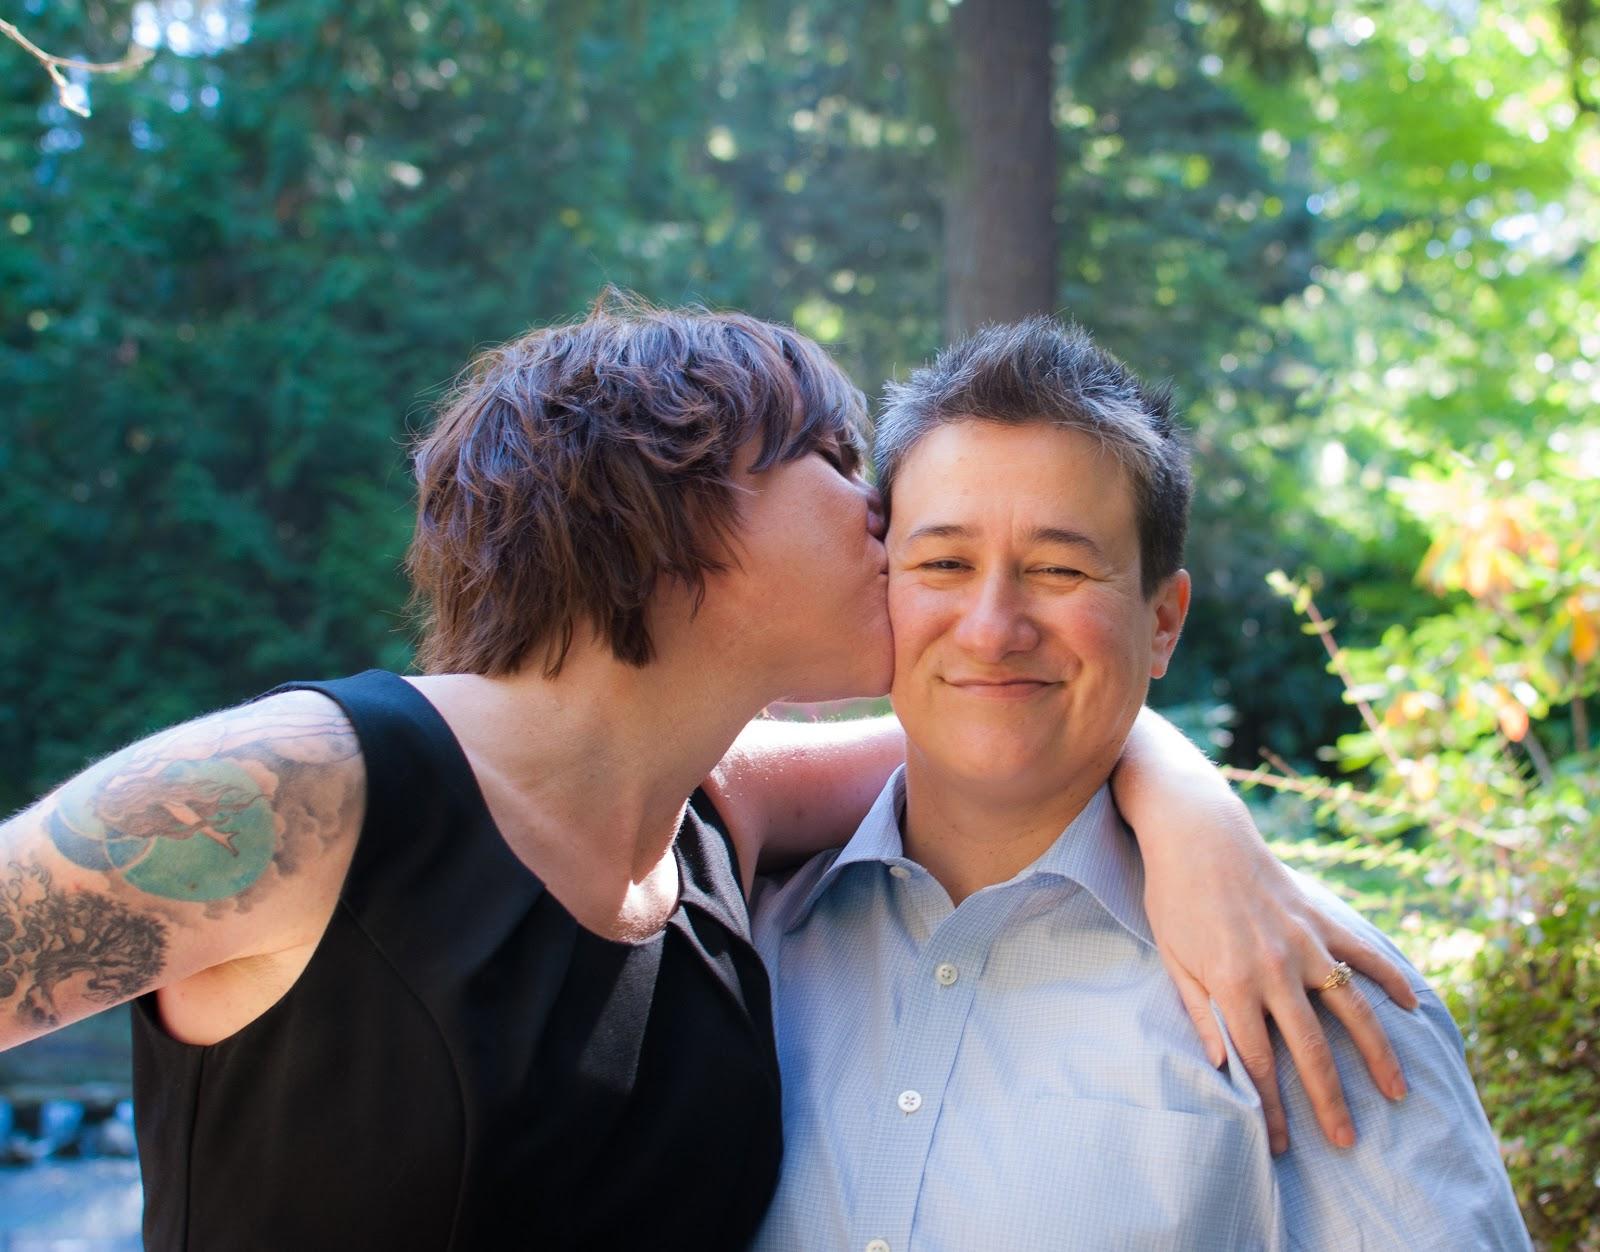 Сайт знакомств для лесбиянок буч 17 фотография